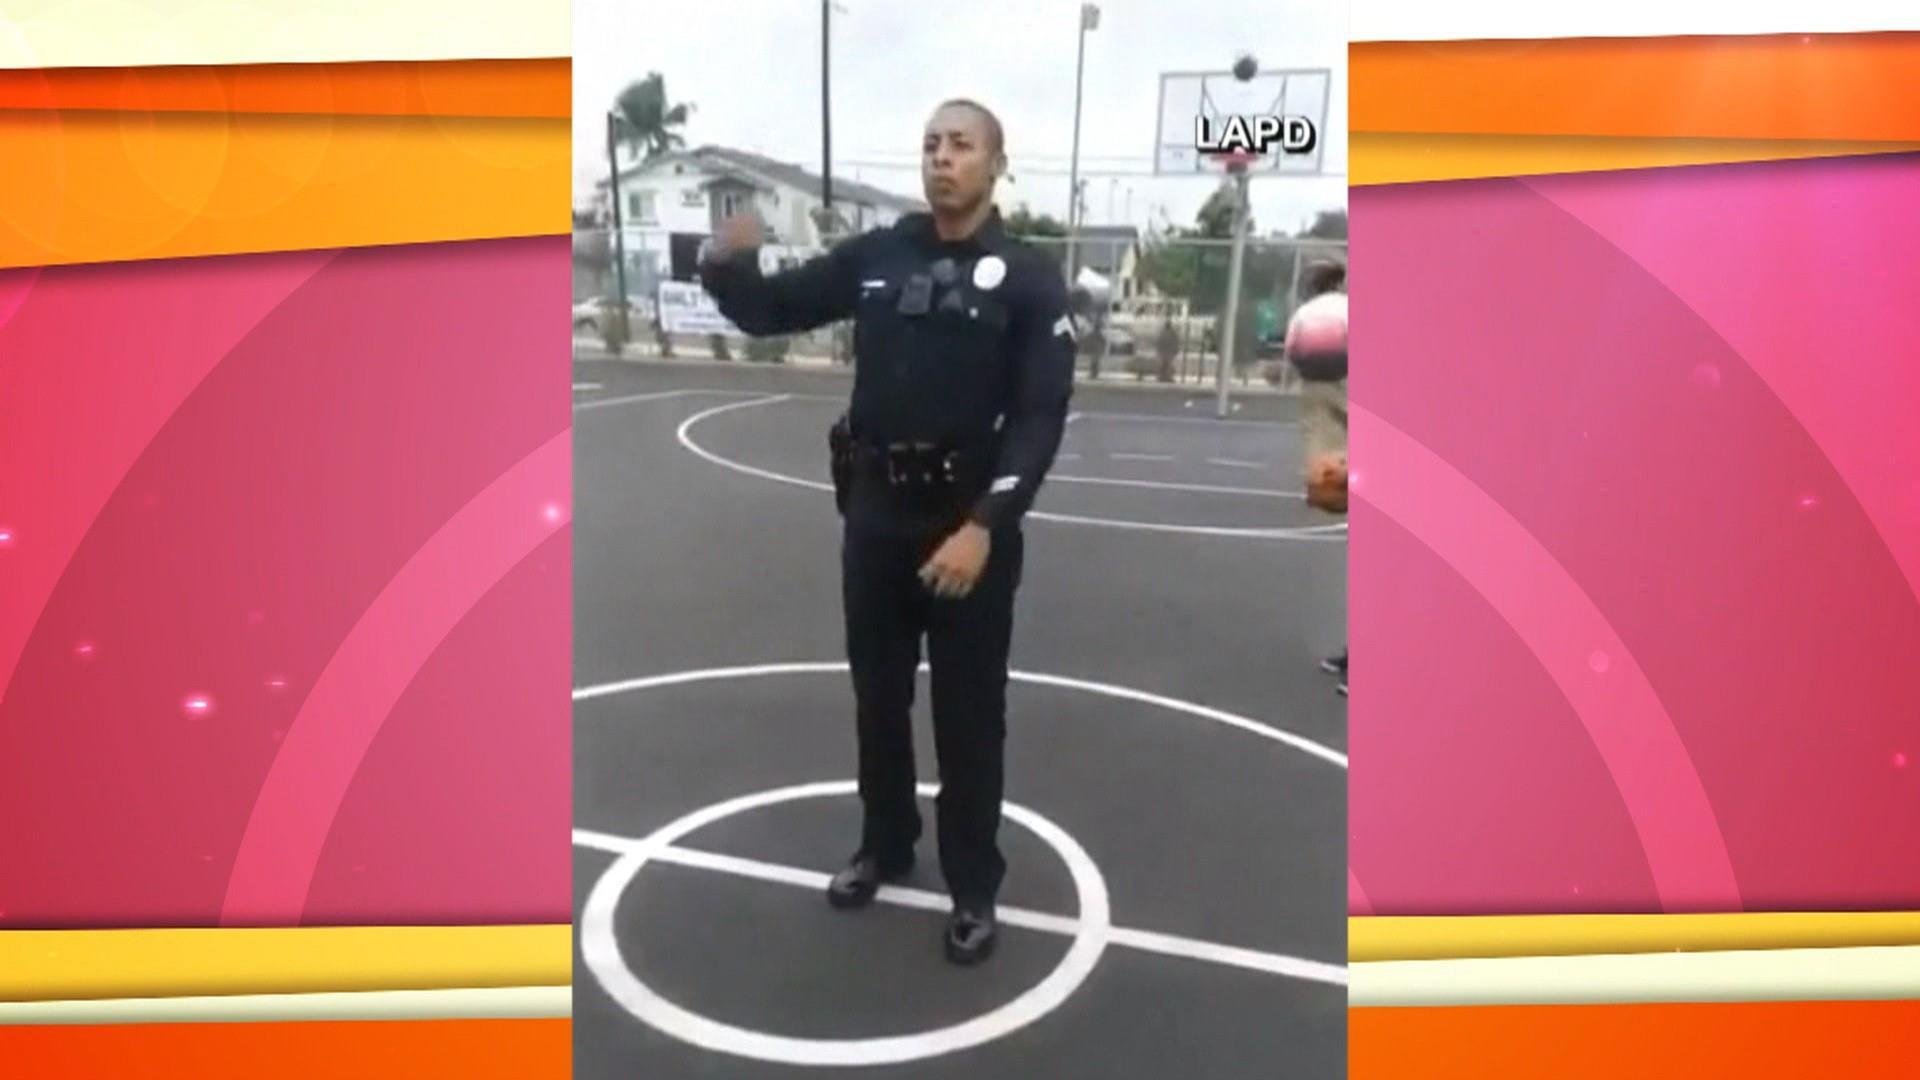 LAPD officer sinks backwards half-court shot